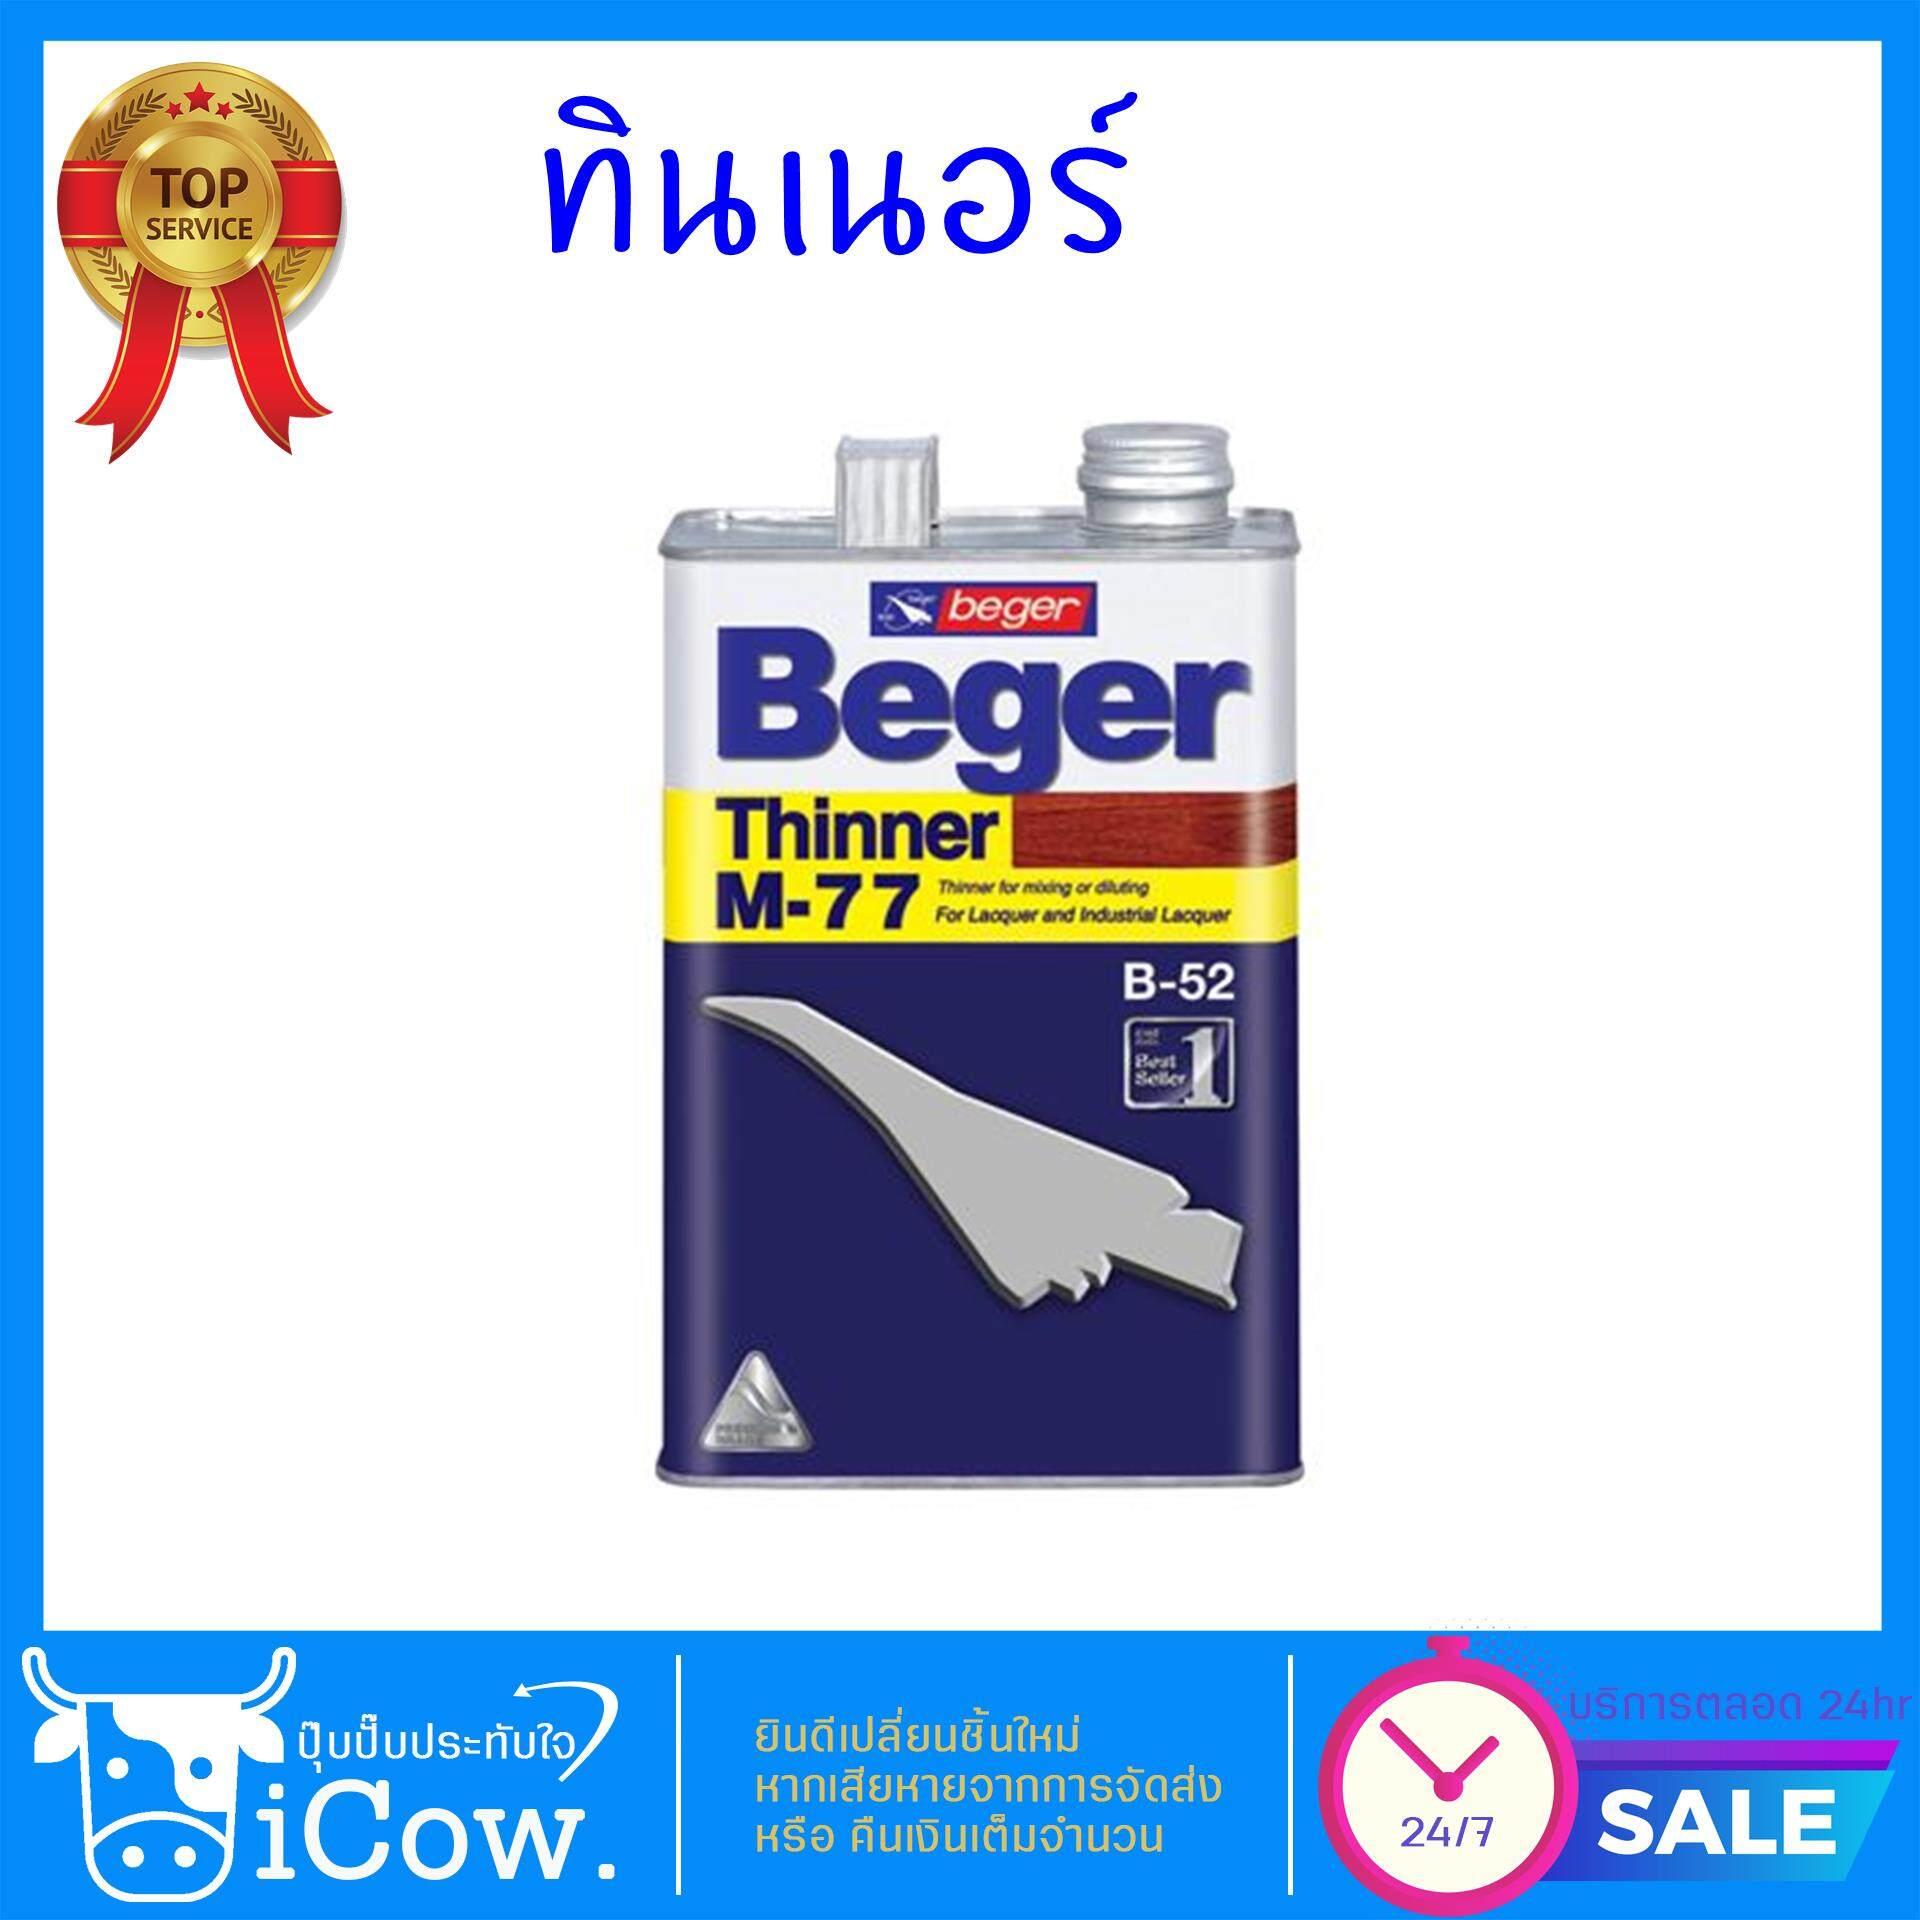 ทินเนอร์ Beger M77 1/4 แกลลอน ใช้ผสมกับแลคเกอร์ และใช้เช็ดทำความสะอาดไม้ที่มียาง สามารถใช้ได้ทุกพื้นที่ ใช้ล้างแปรงและอุปกรณ์ทาสีได้ เพิ่มการยึดเกาะ ทำให้ฟิล์มเรียบ และมีความเงาสูง.